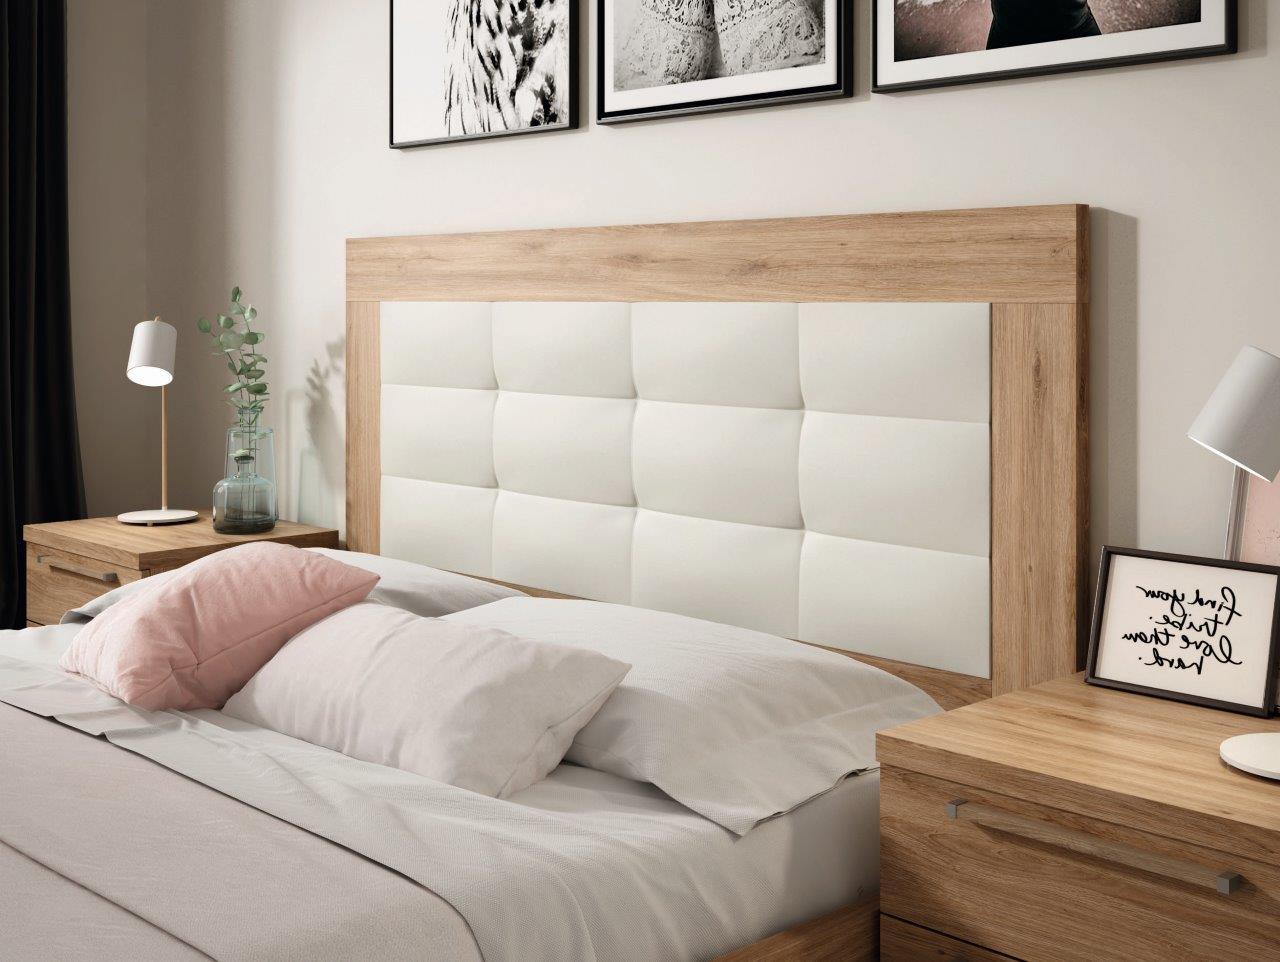 Mueble dormitorio detalle cabezal madera melamina moderno for Dormitorio roble moderno